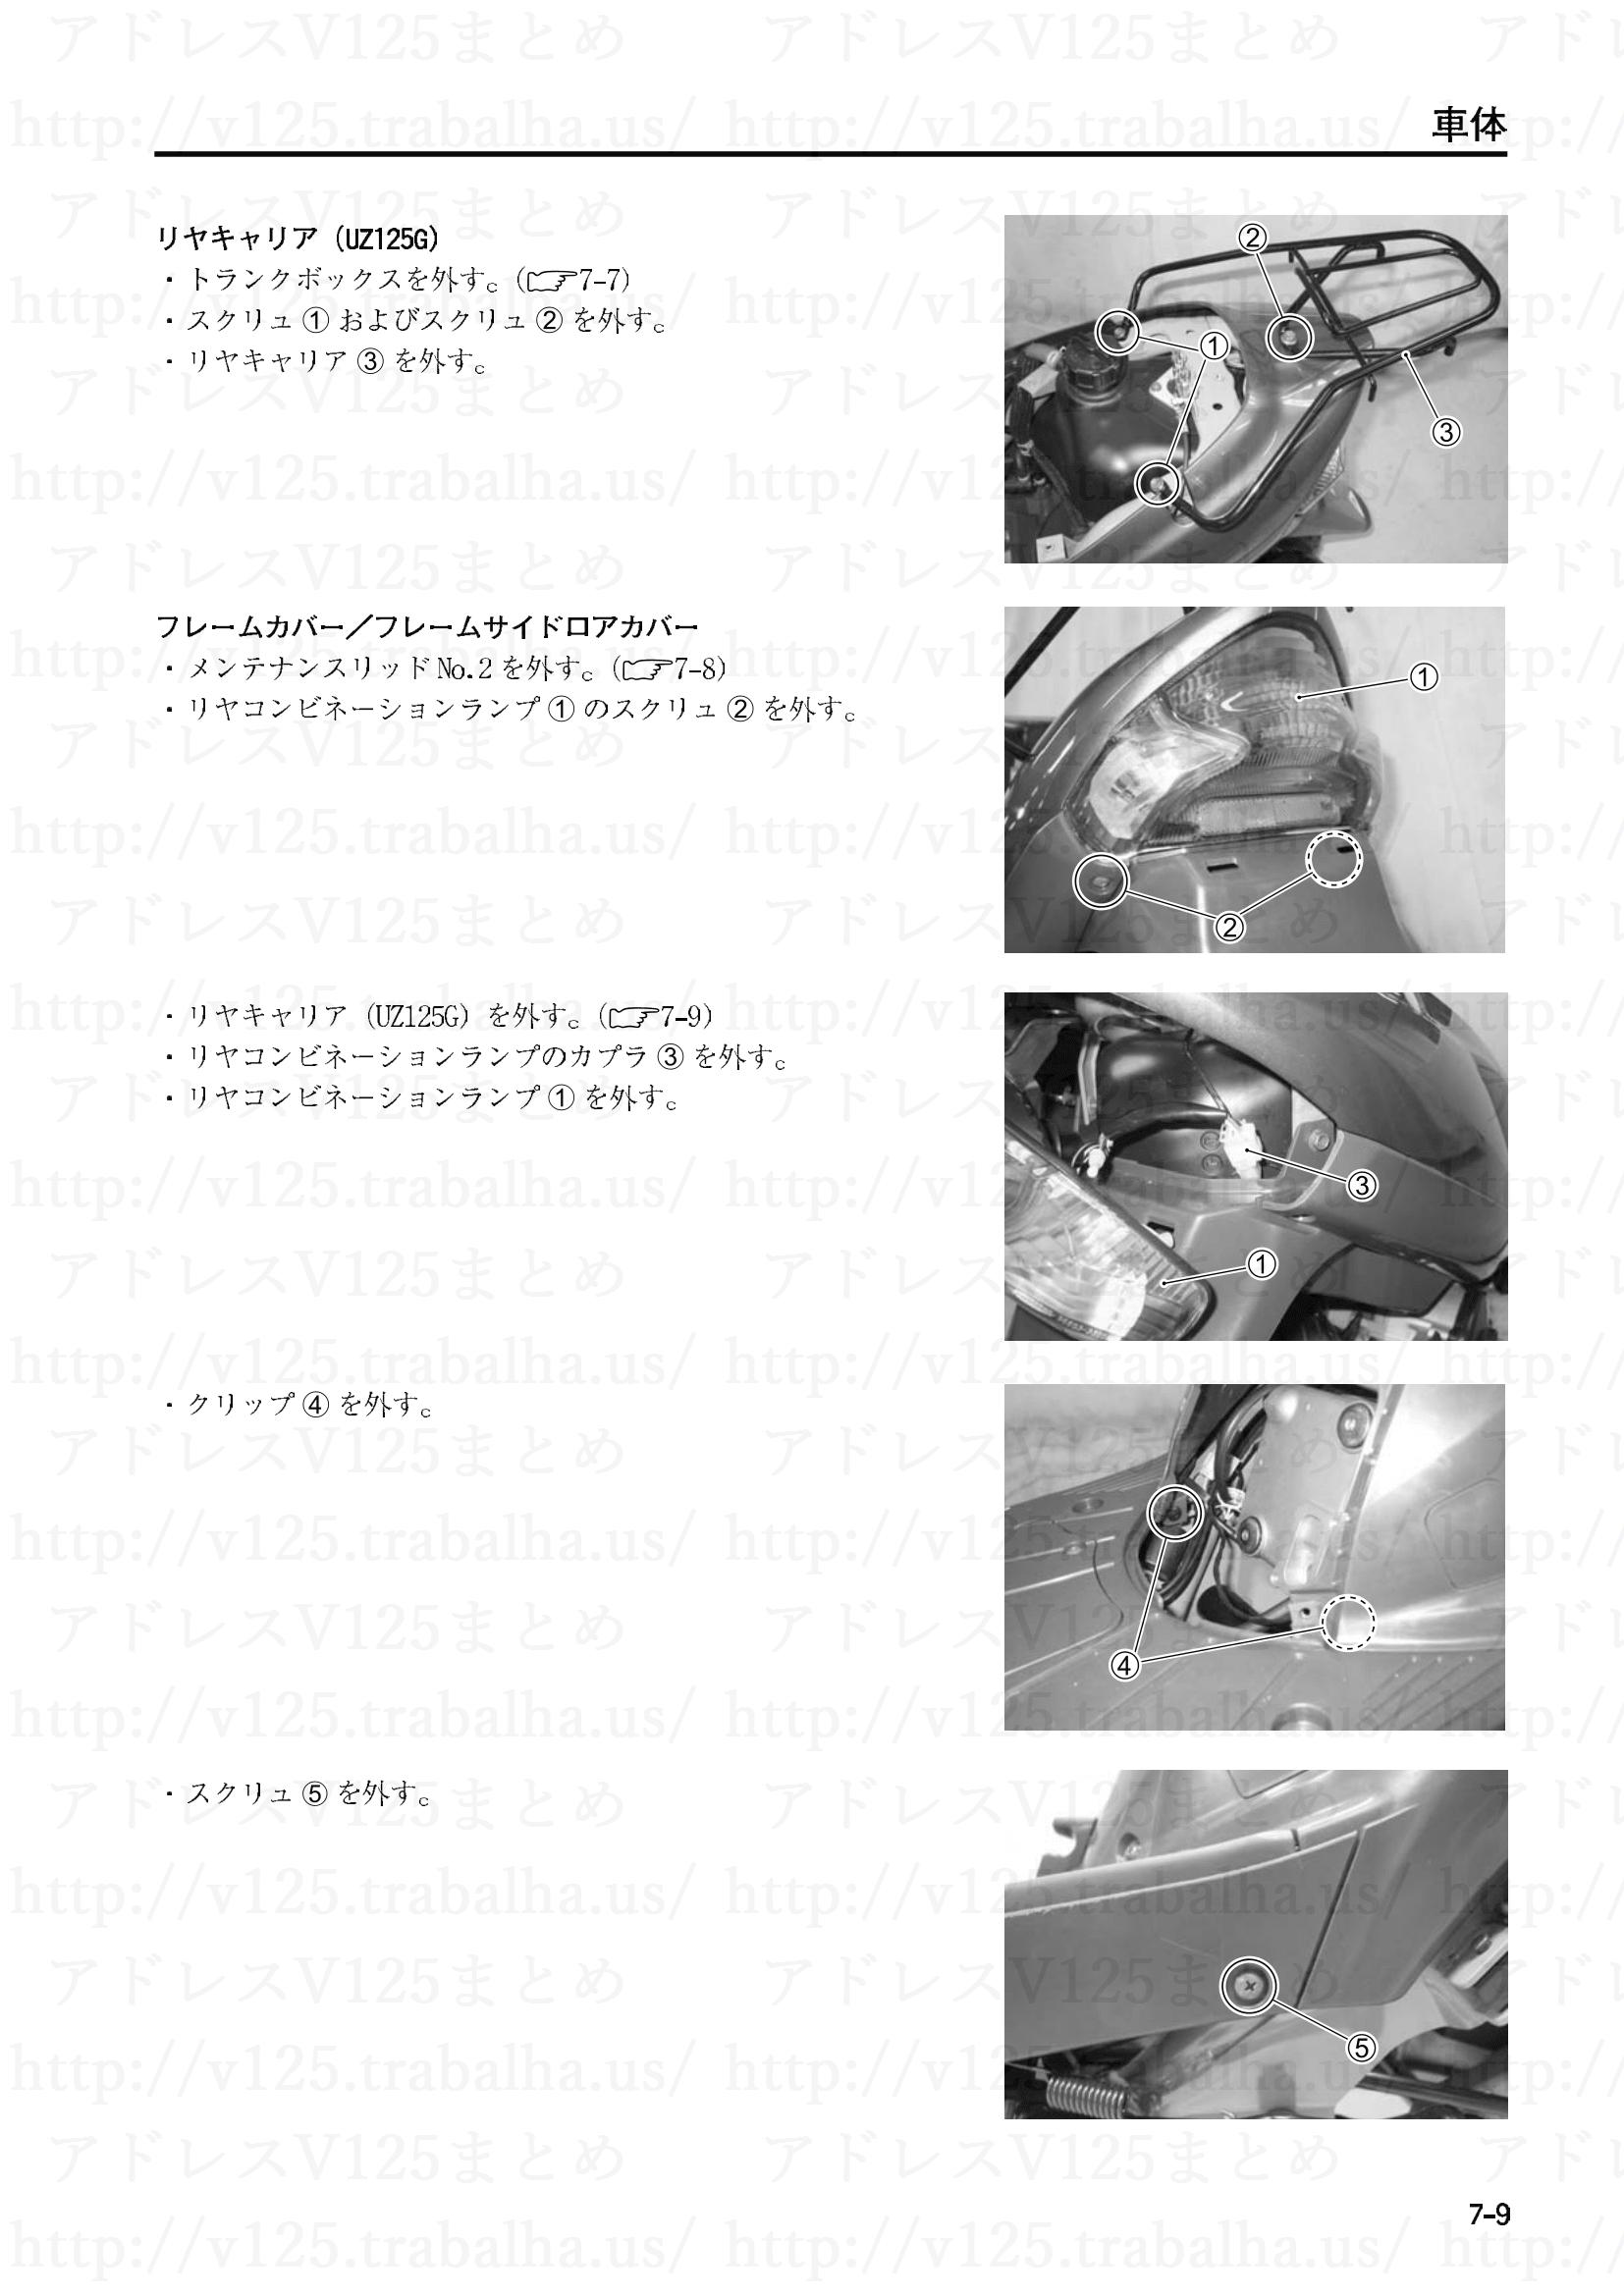 7-9【車体】フレームカバー/フレームサイドロアカバーの取外し1